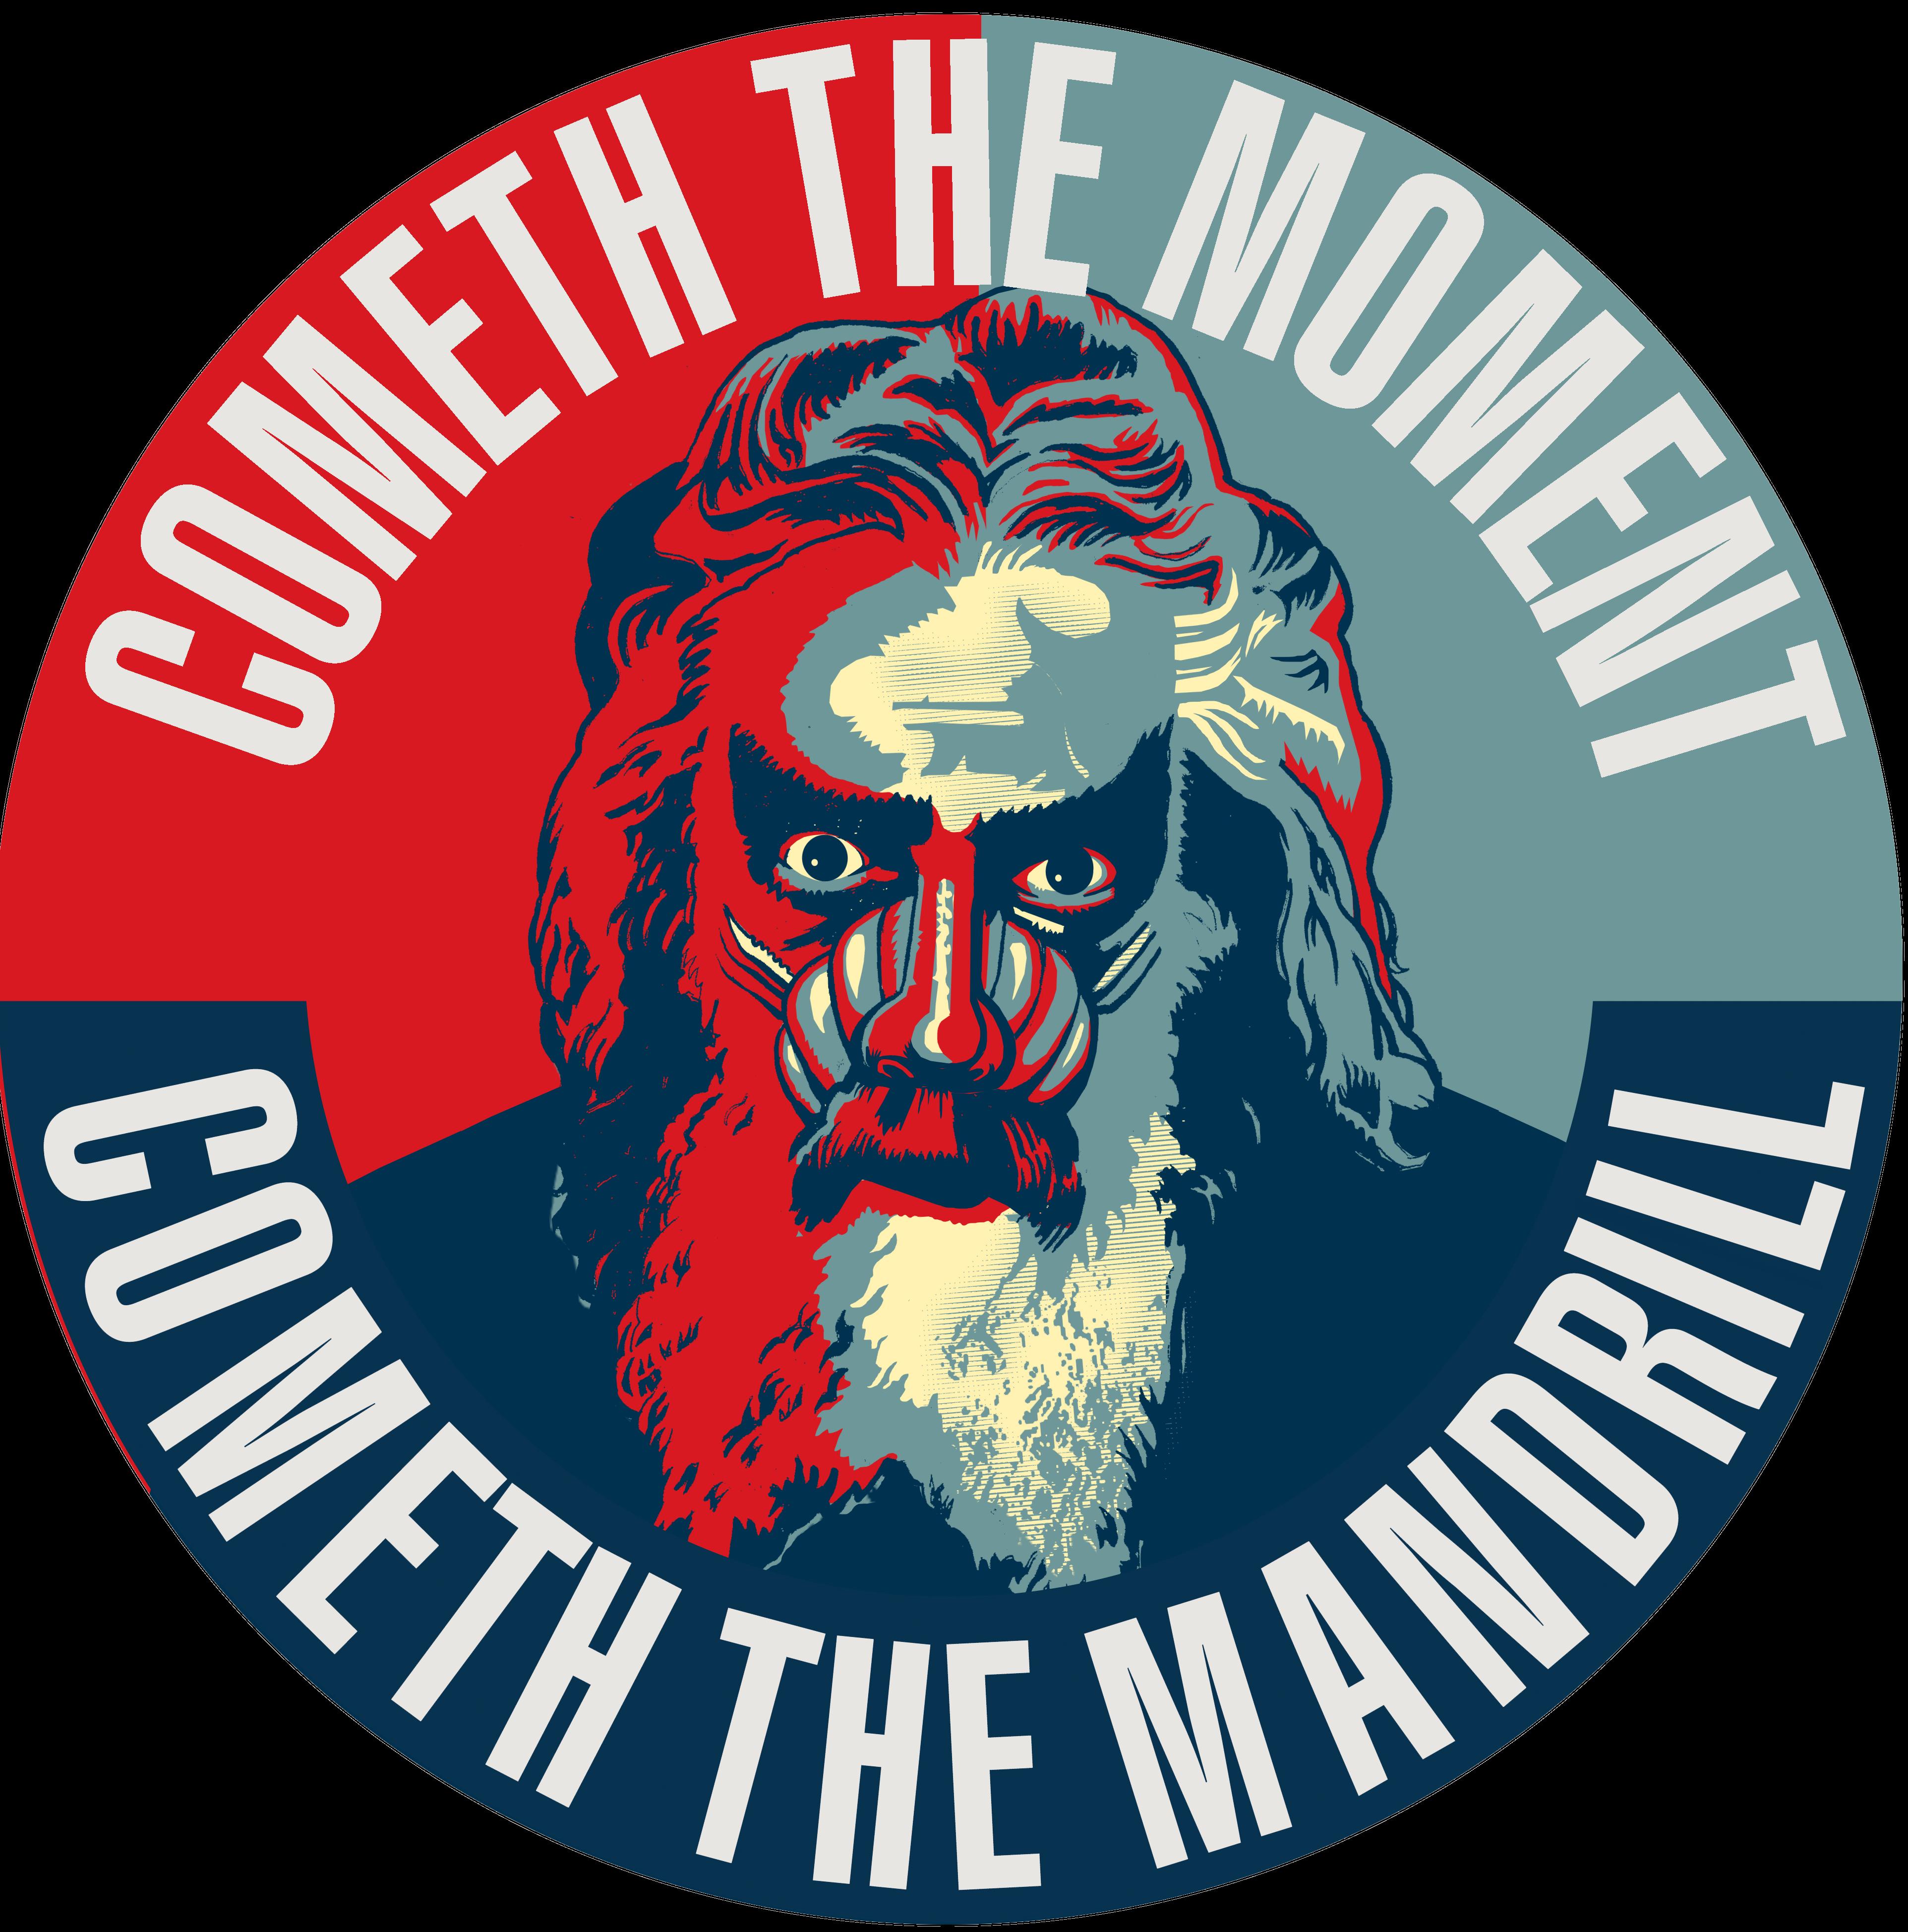 Cometh The Mandrill